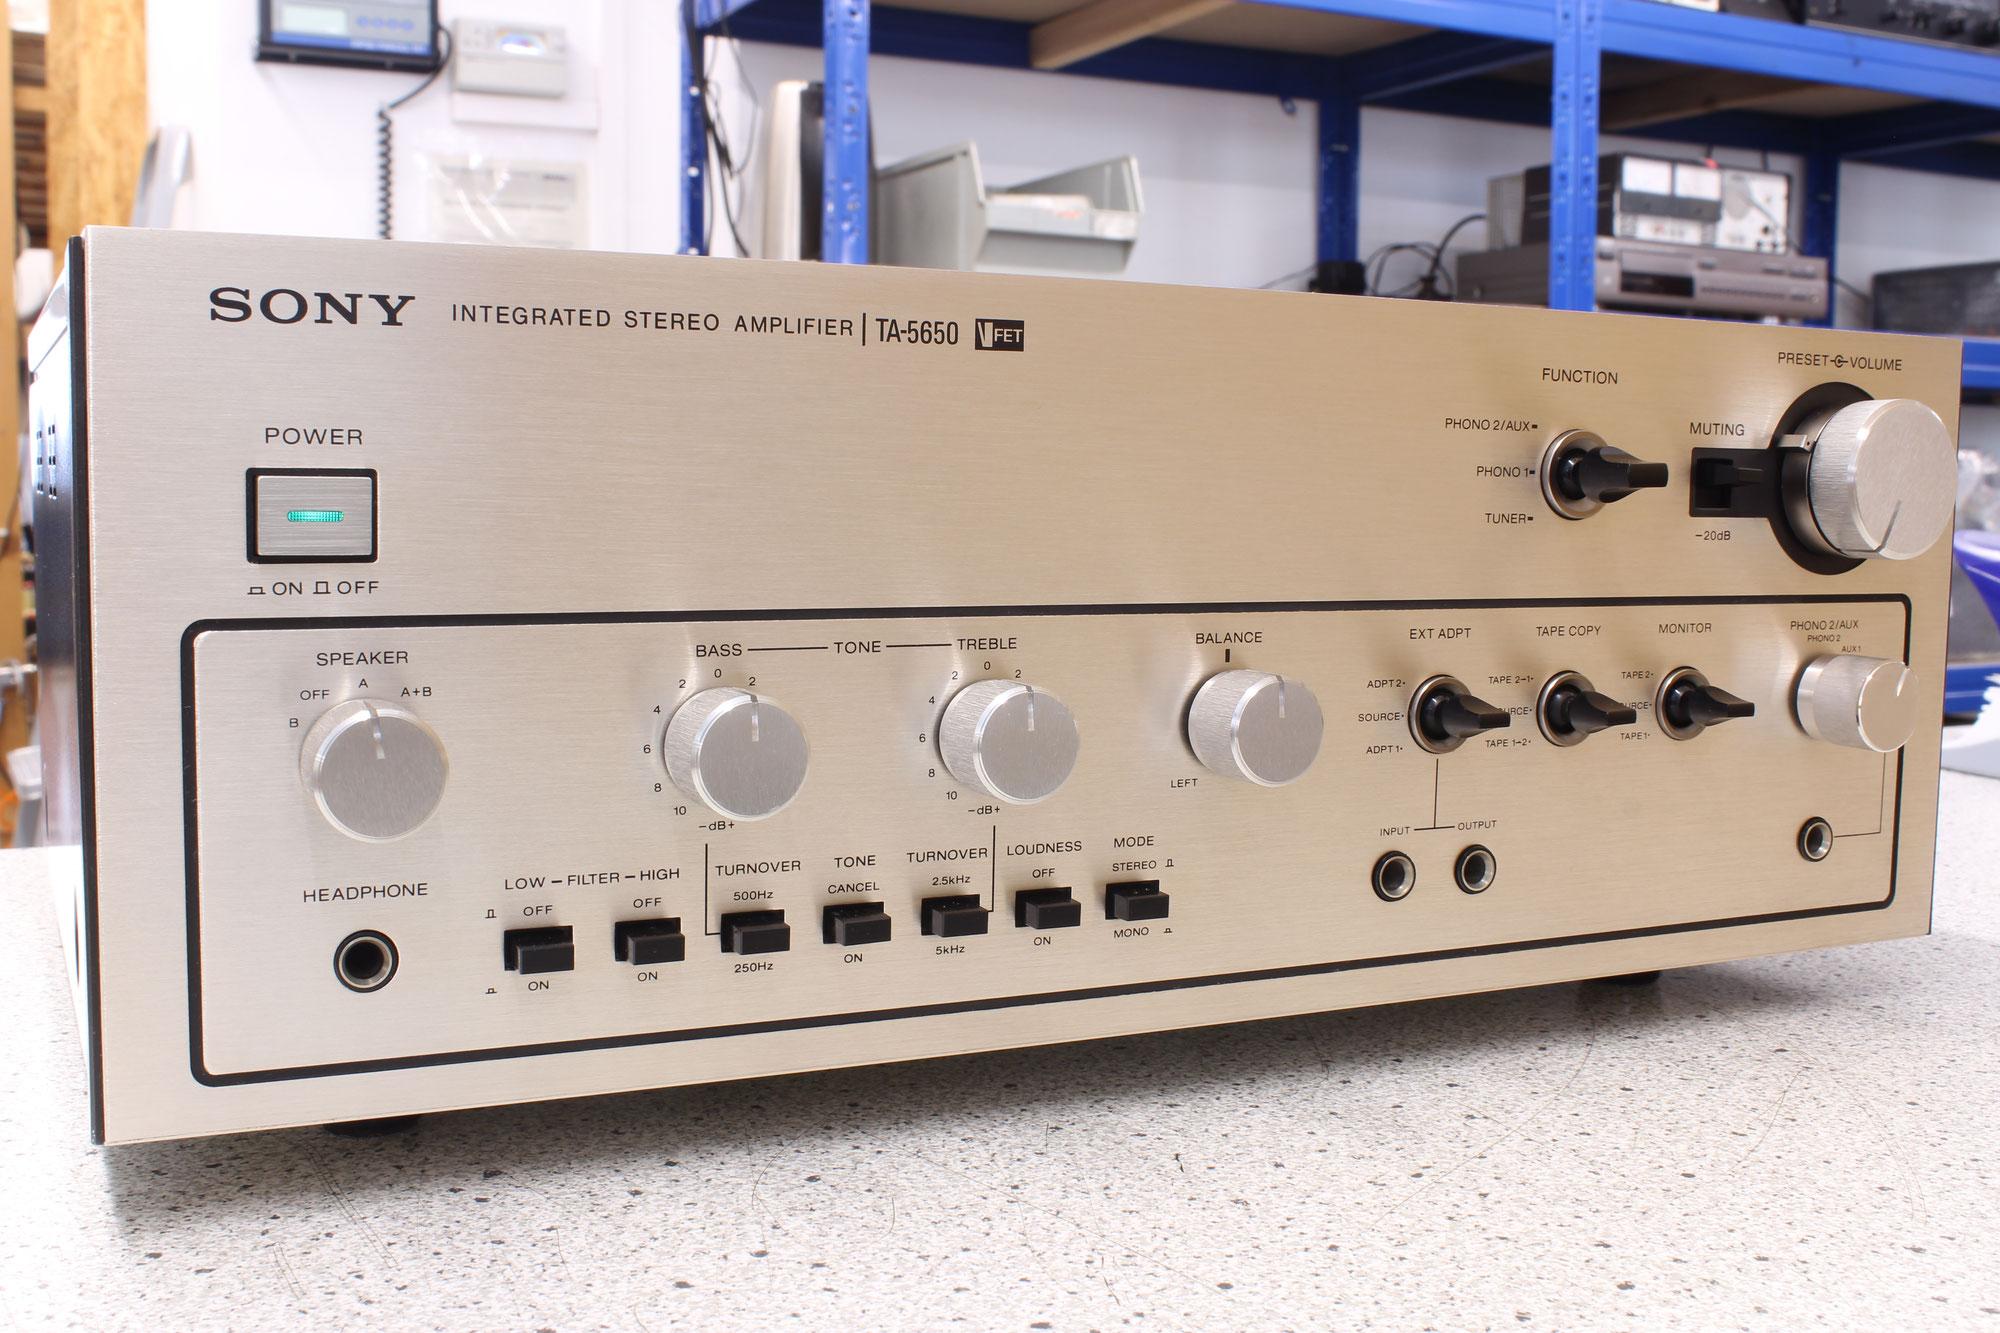 Sony TA-5650